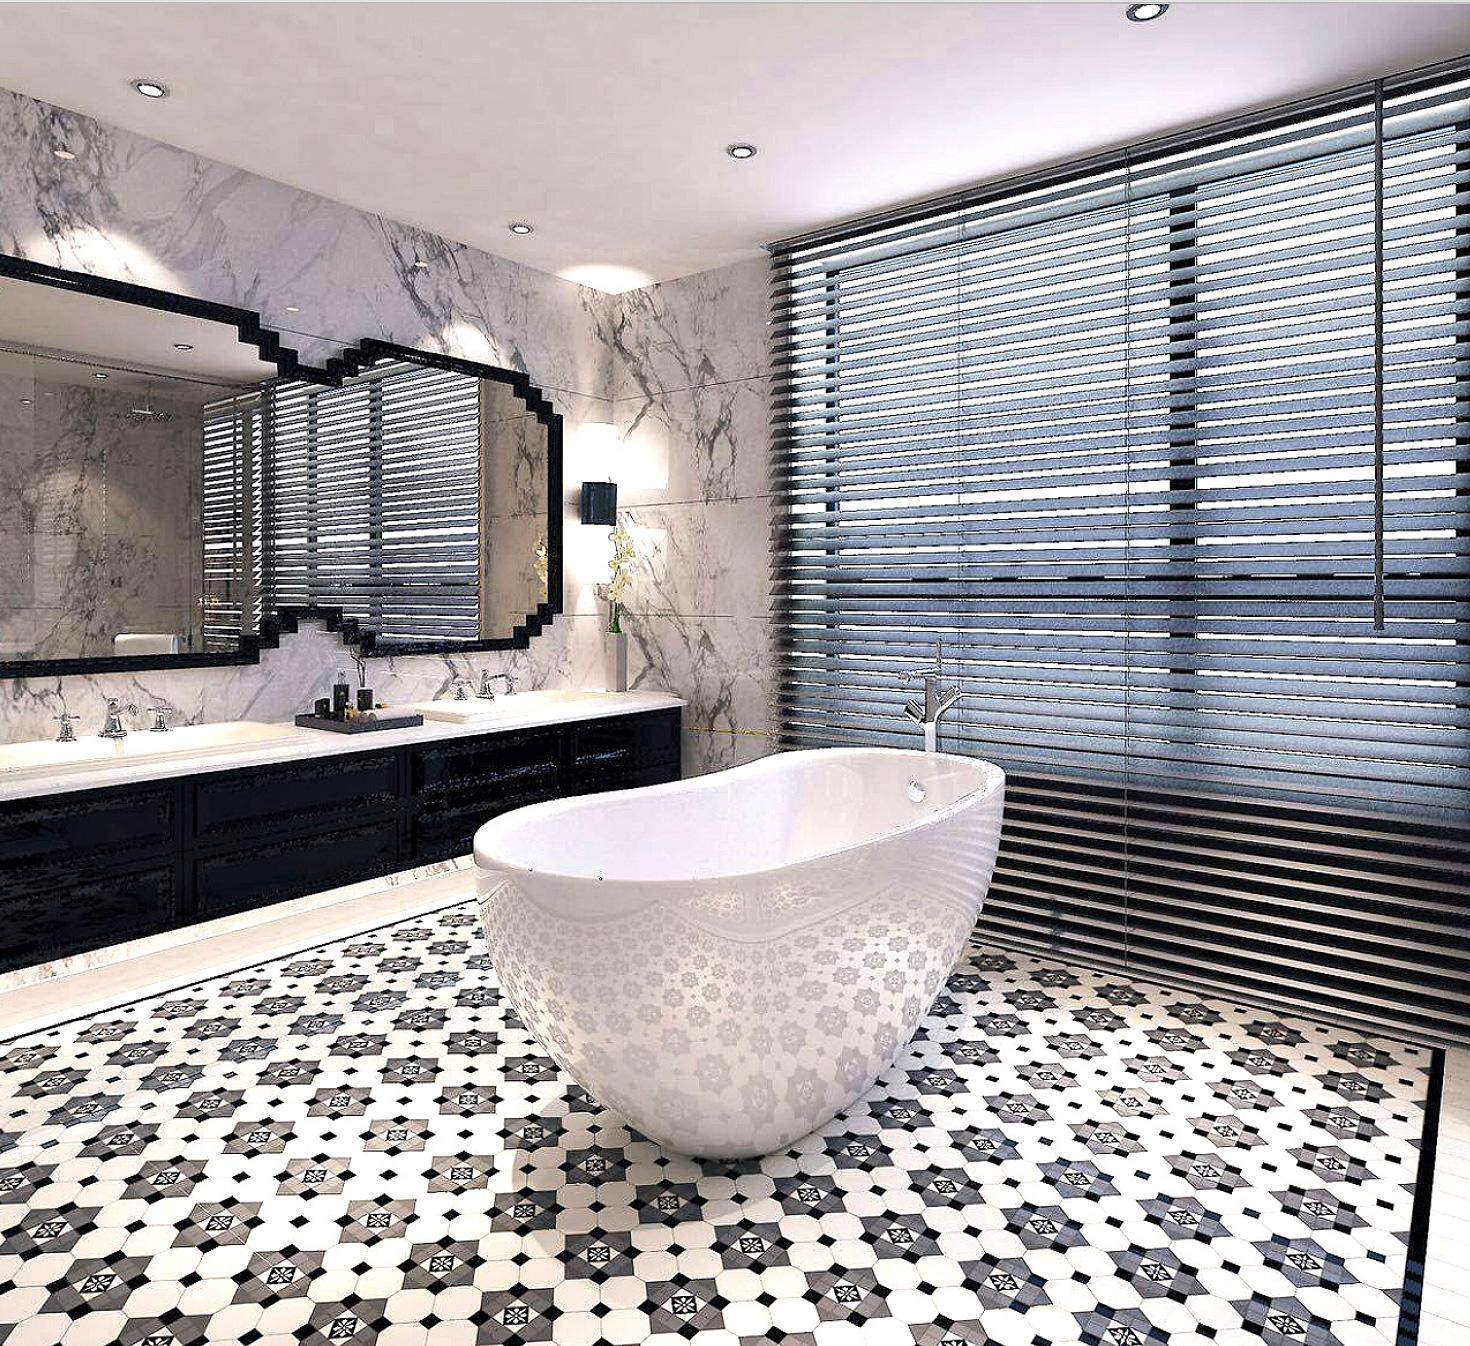 ditail-mosaico-materiales-interiores-winckelmans1